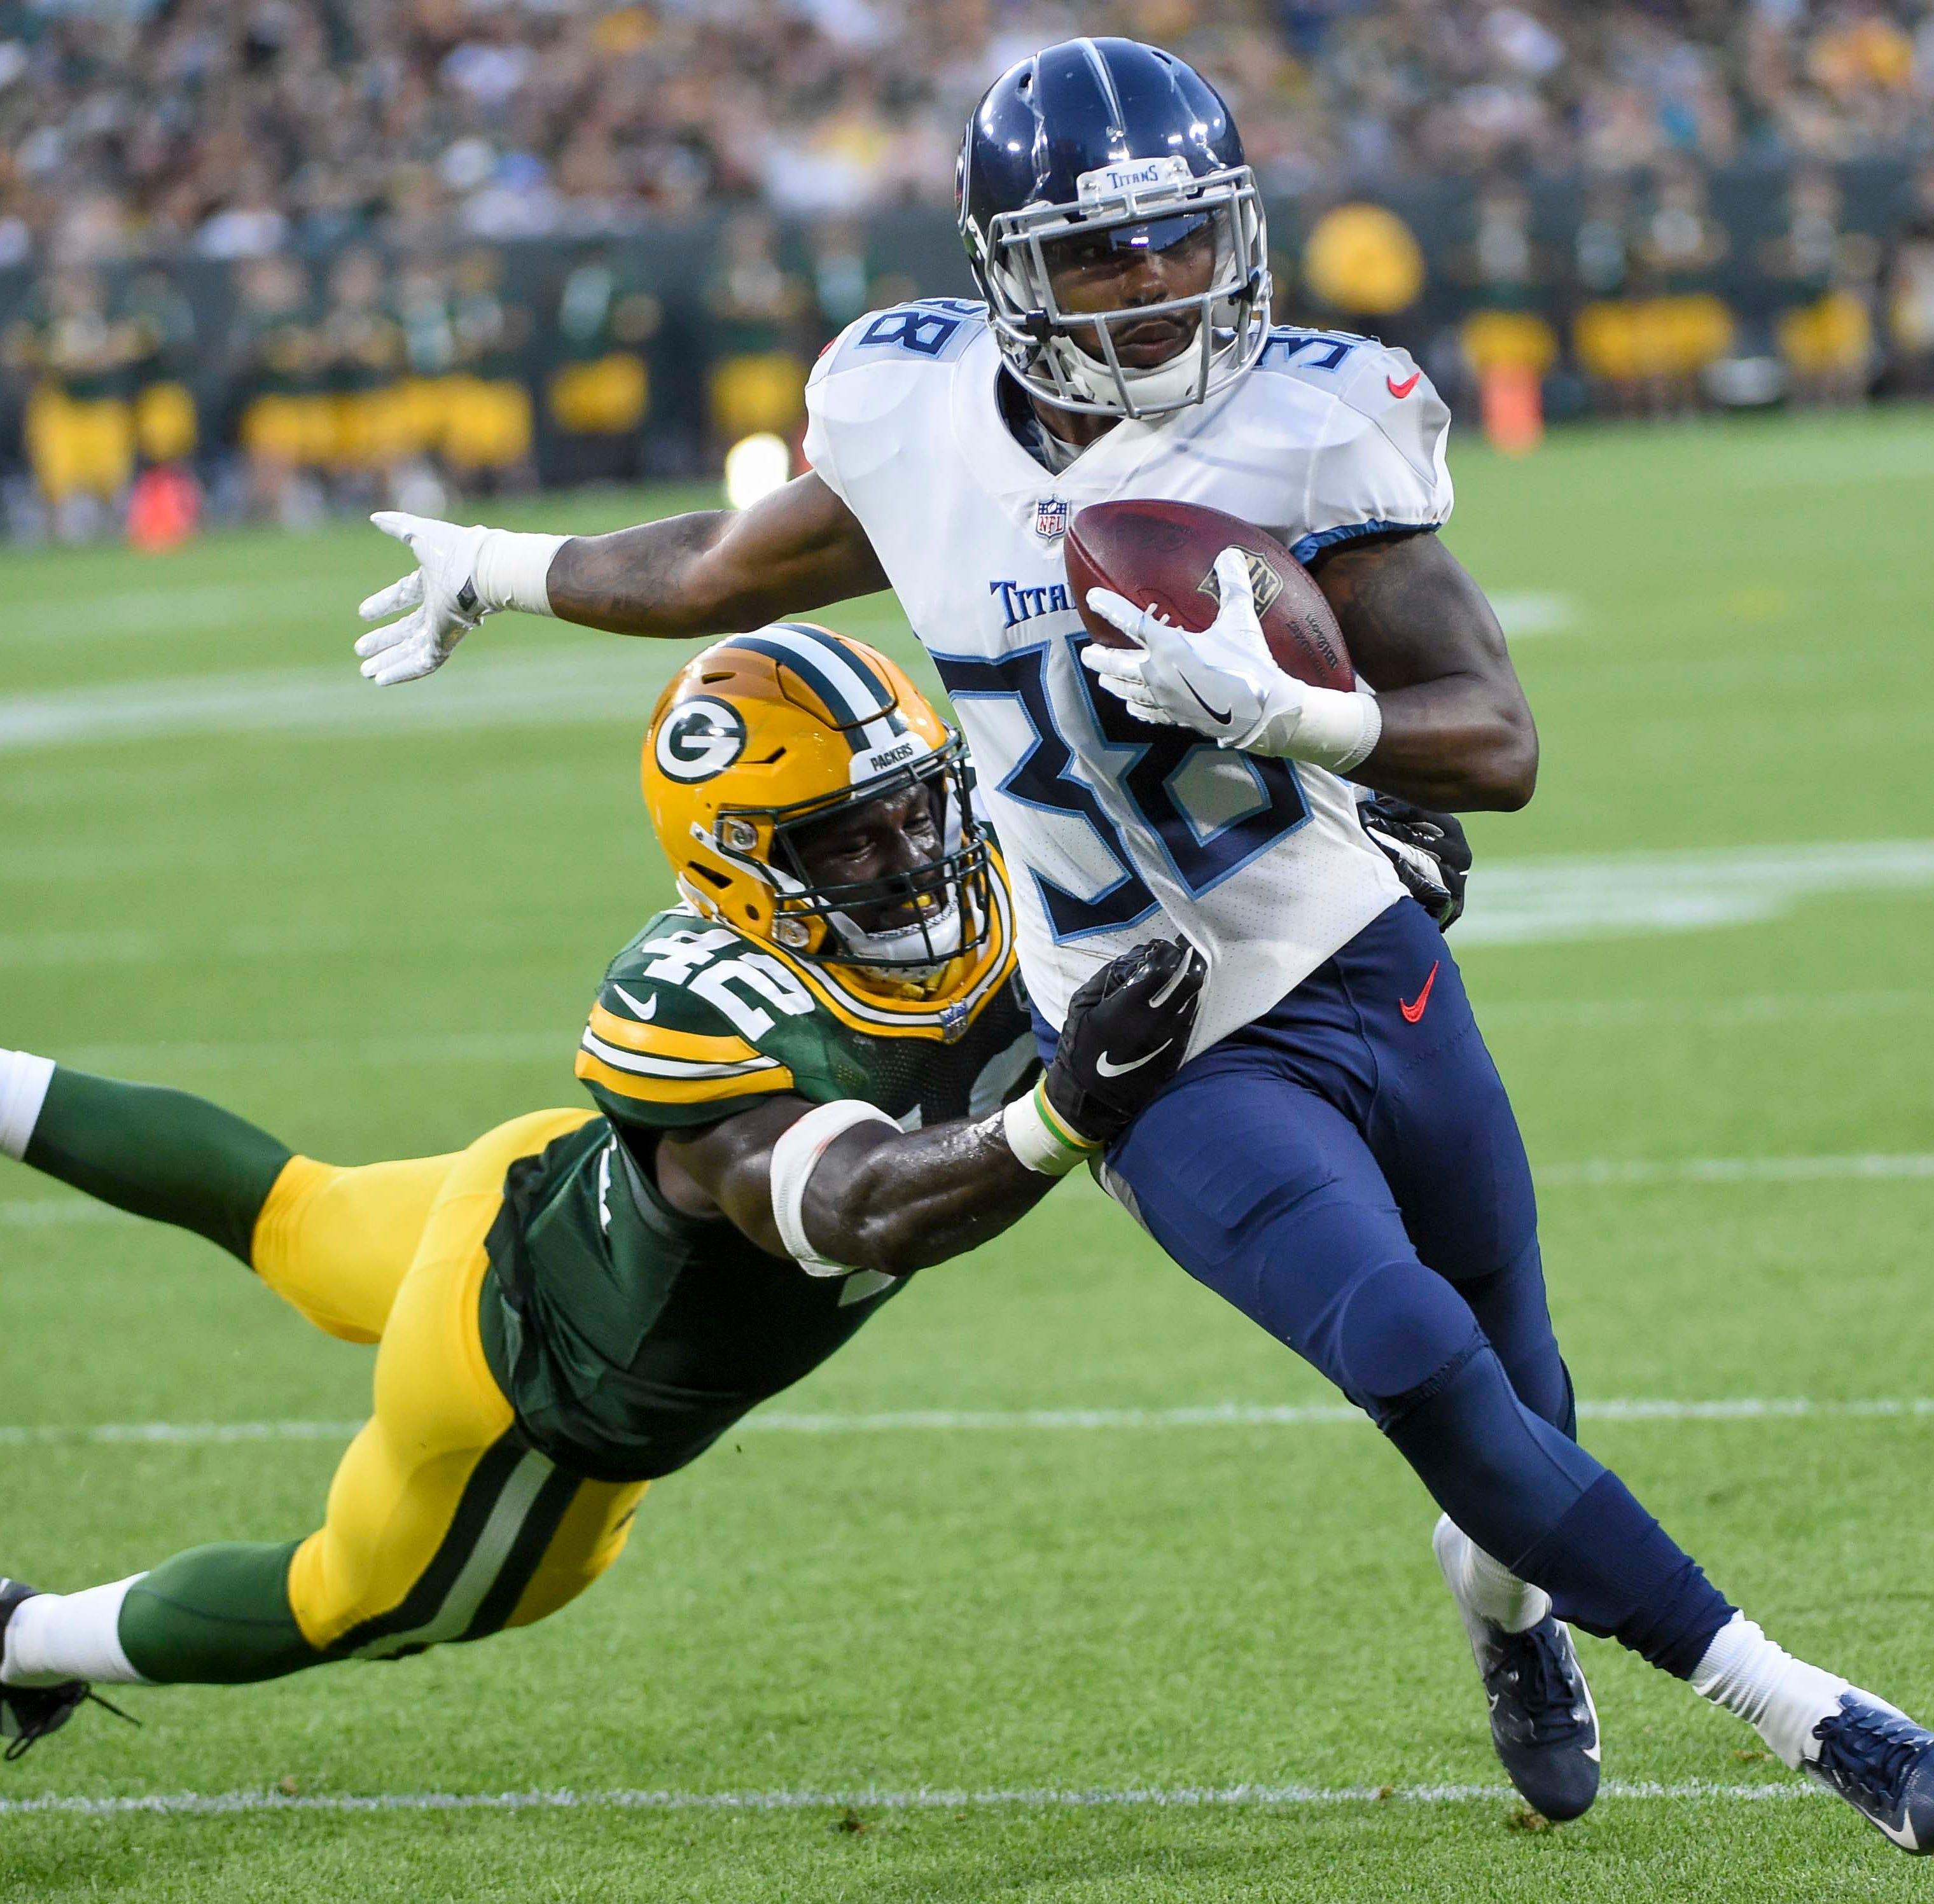 Former Iowa running back Akrum Wadley shines in preseason debut against Packers